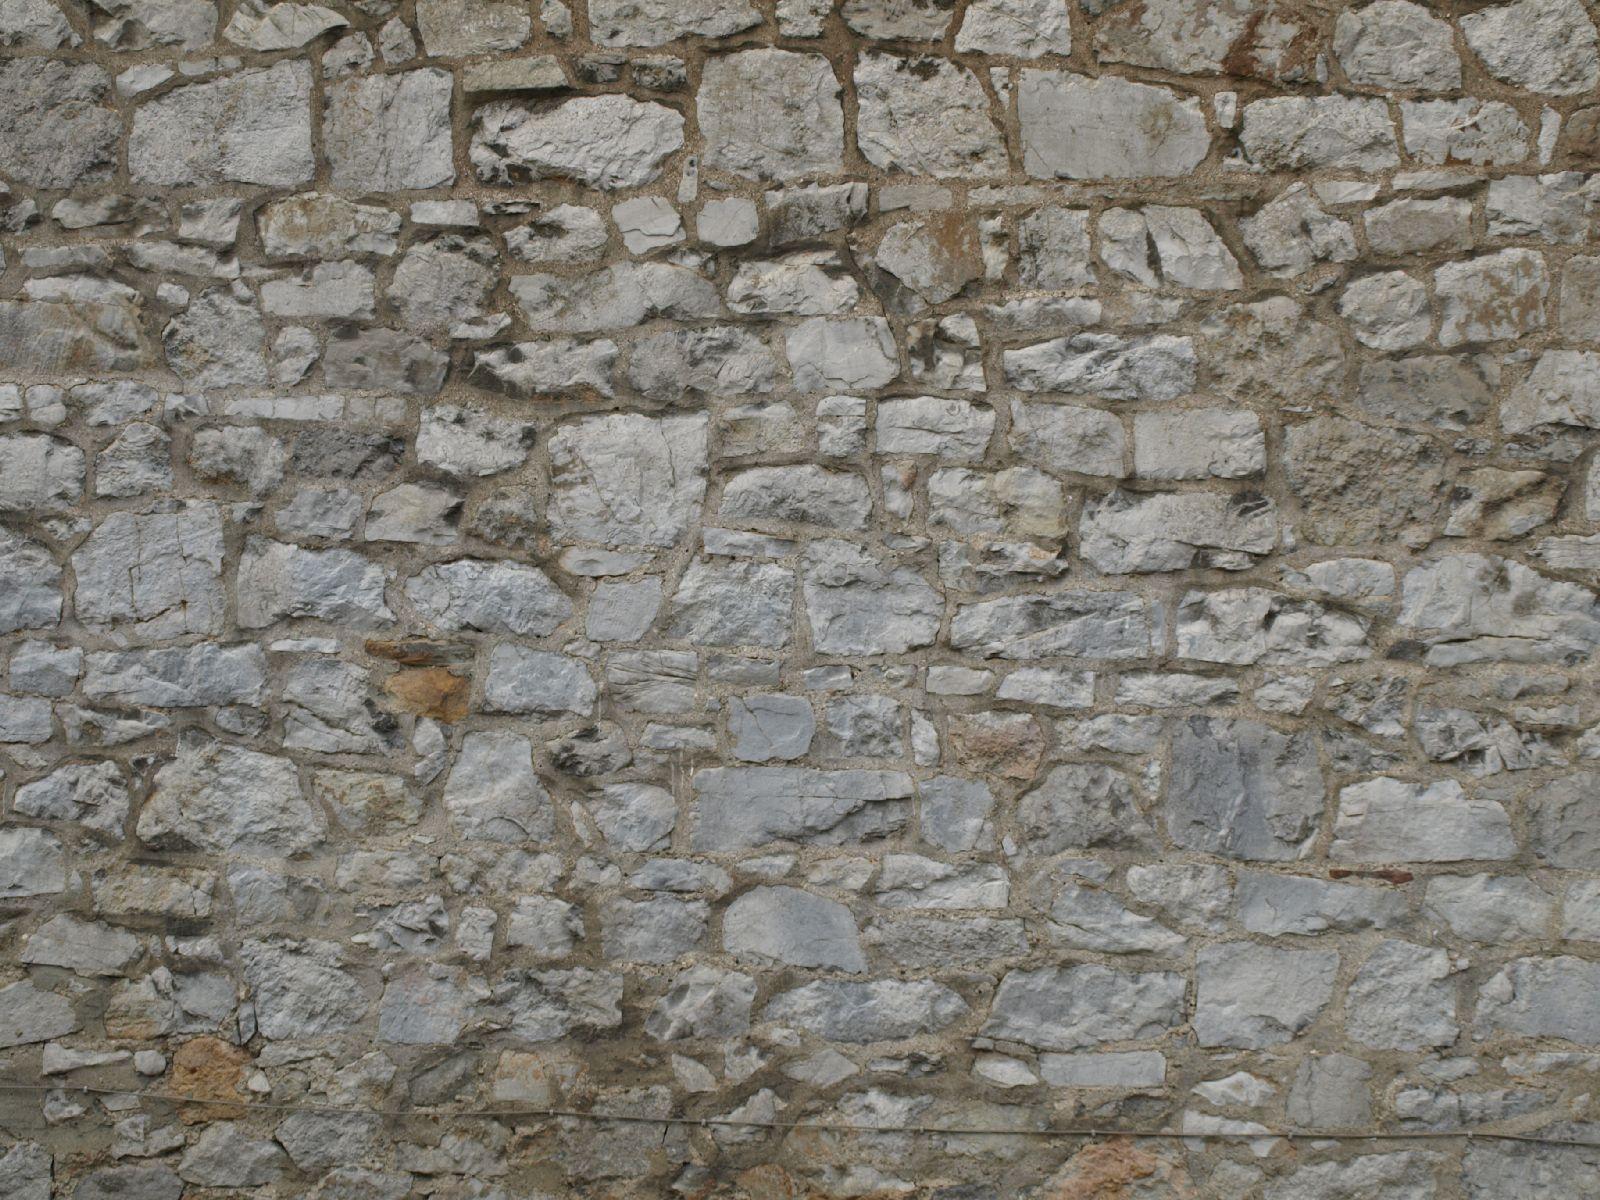 Wand-Bruchstein_Textur_A_P8174461